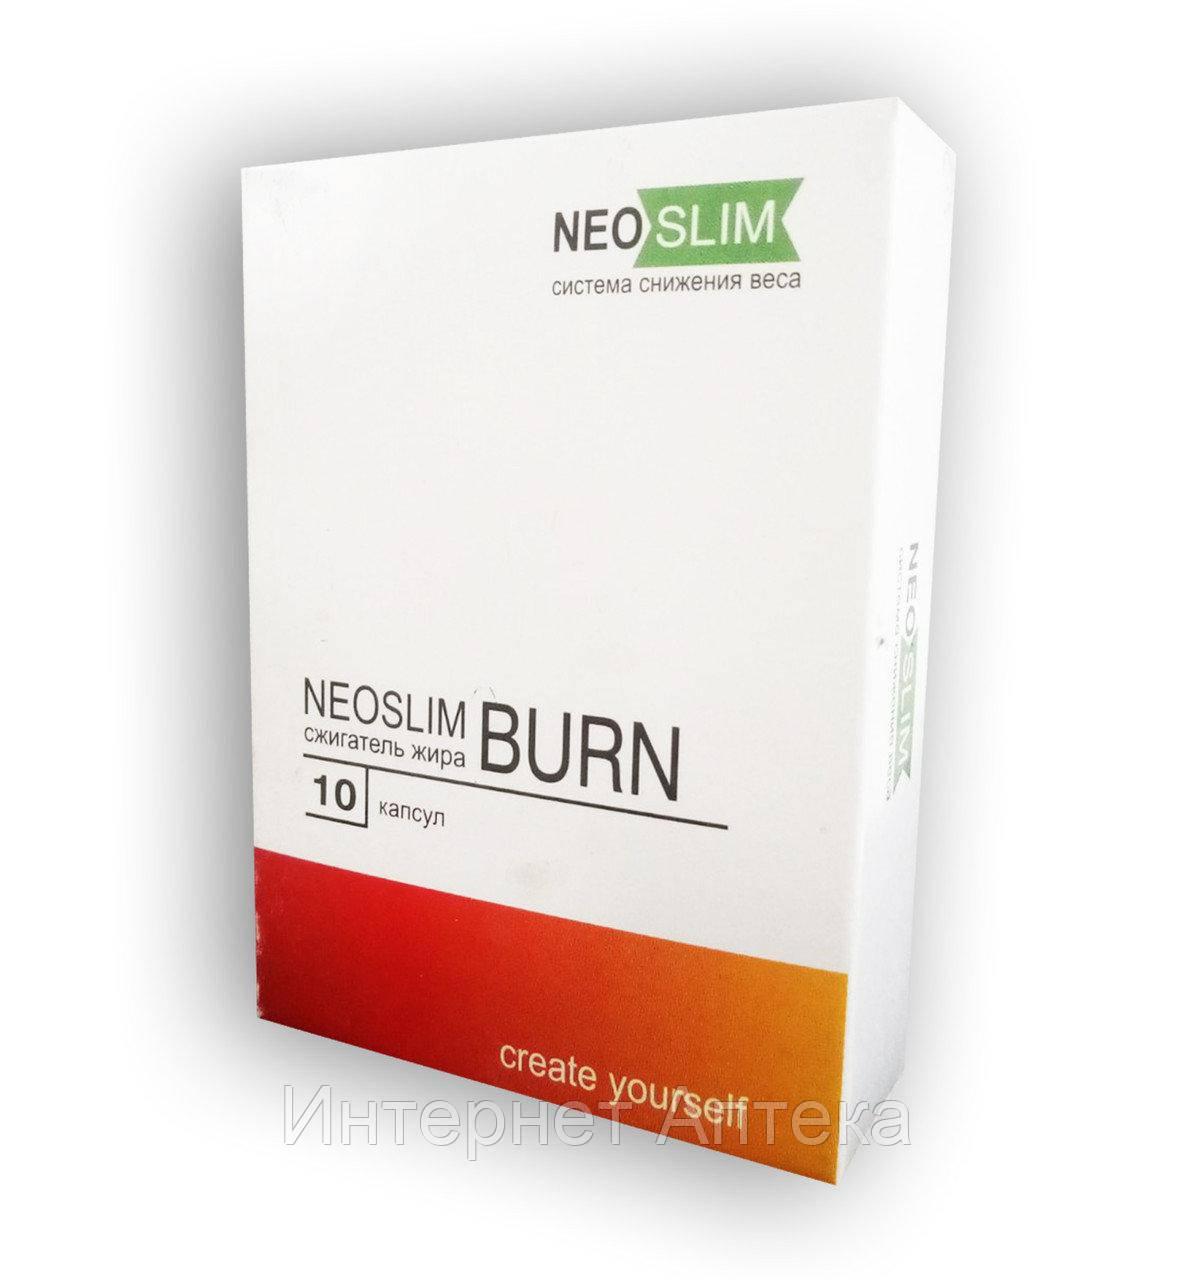 Neo Slim Burn комплекс для снижения веса, средство для похудения Нео слим бёрн